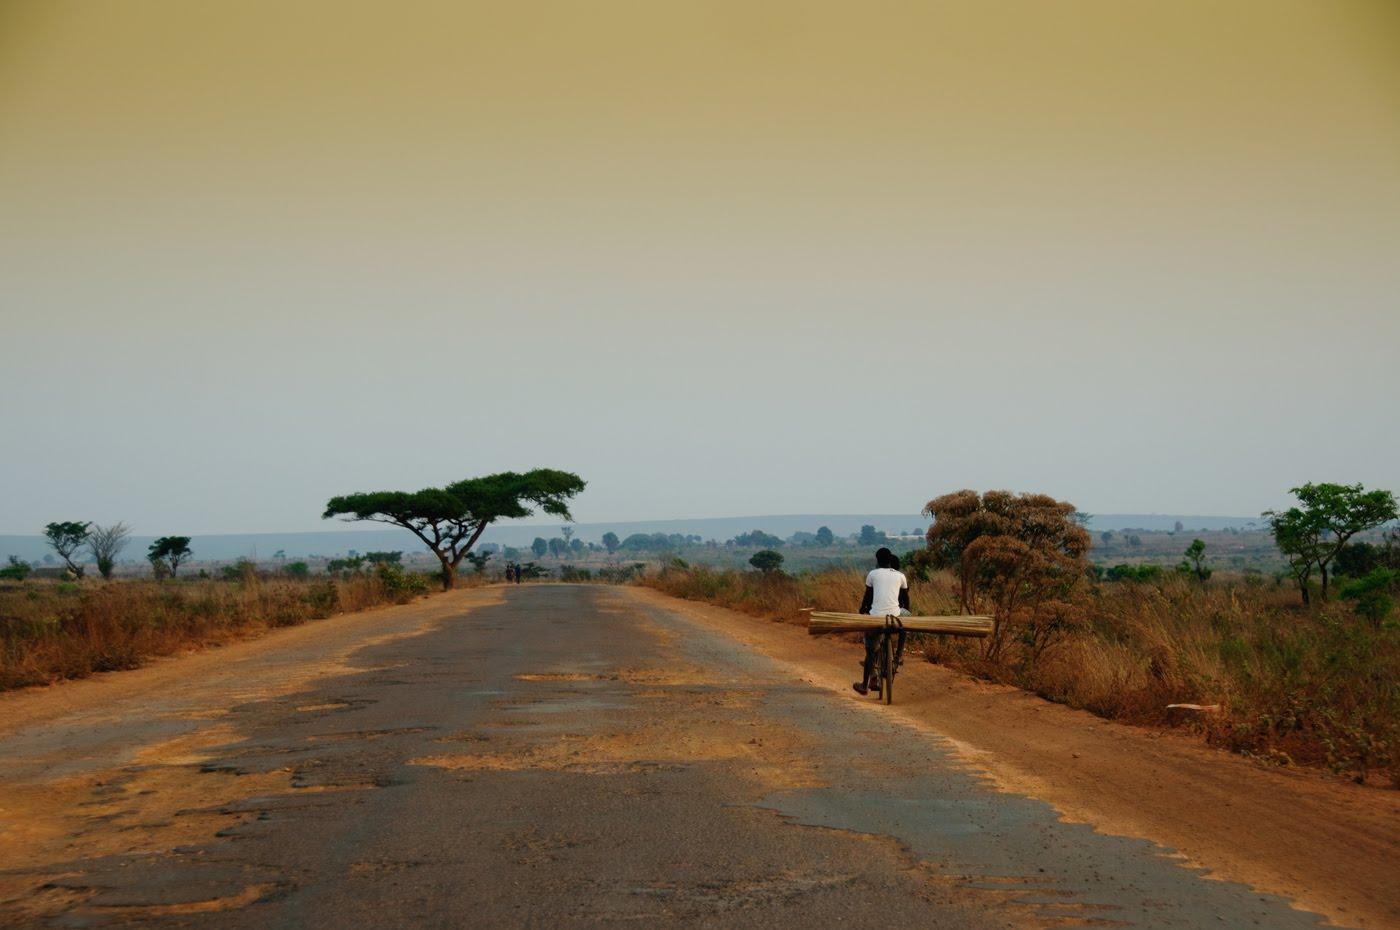 Kalandula; Angola